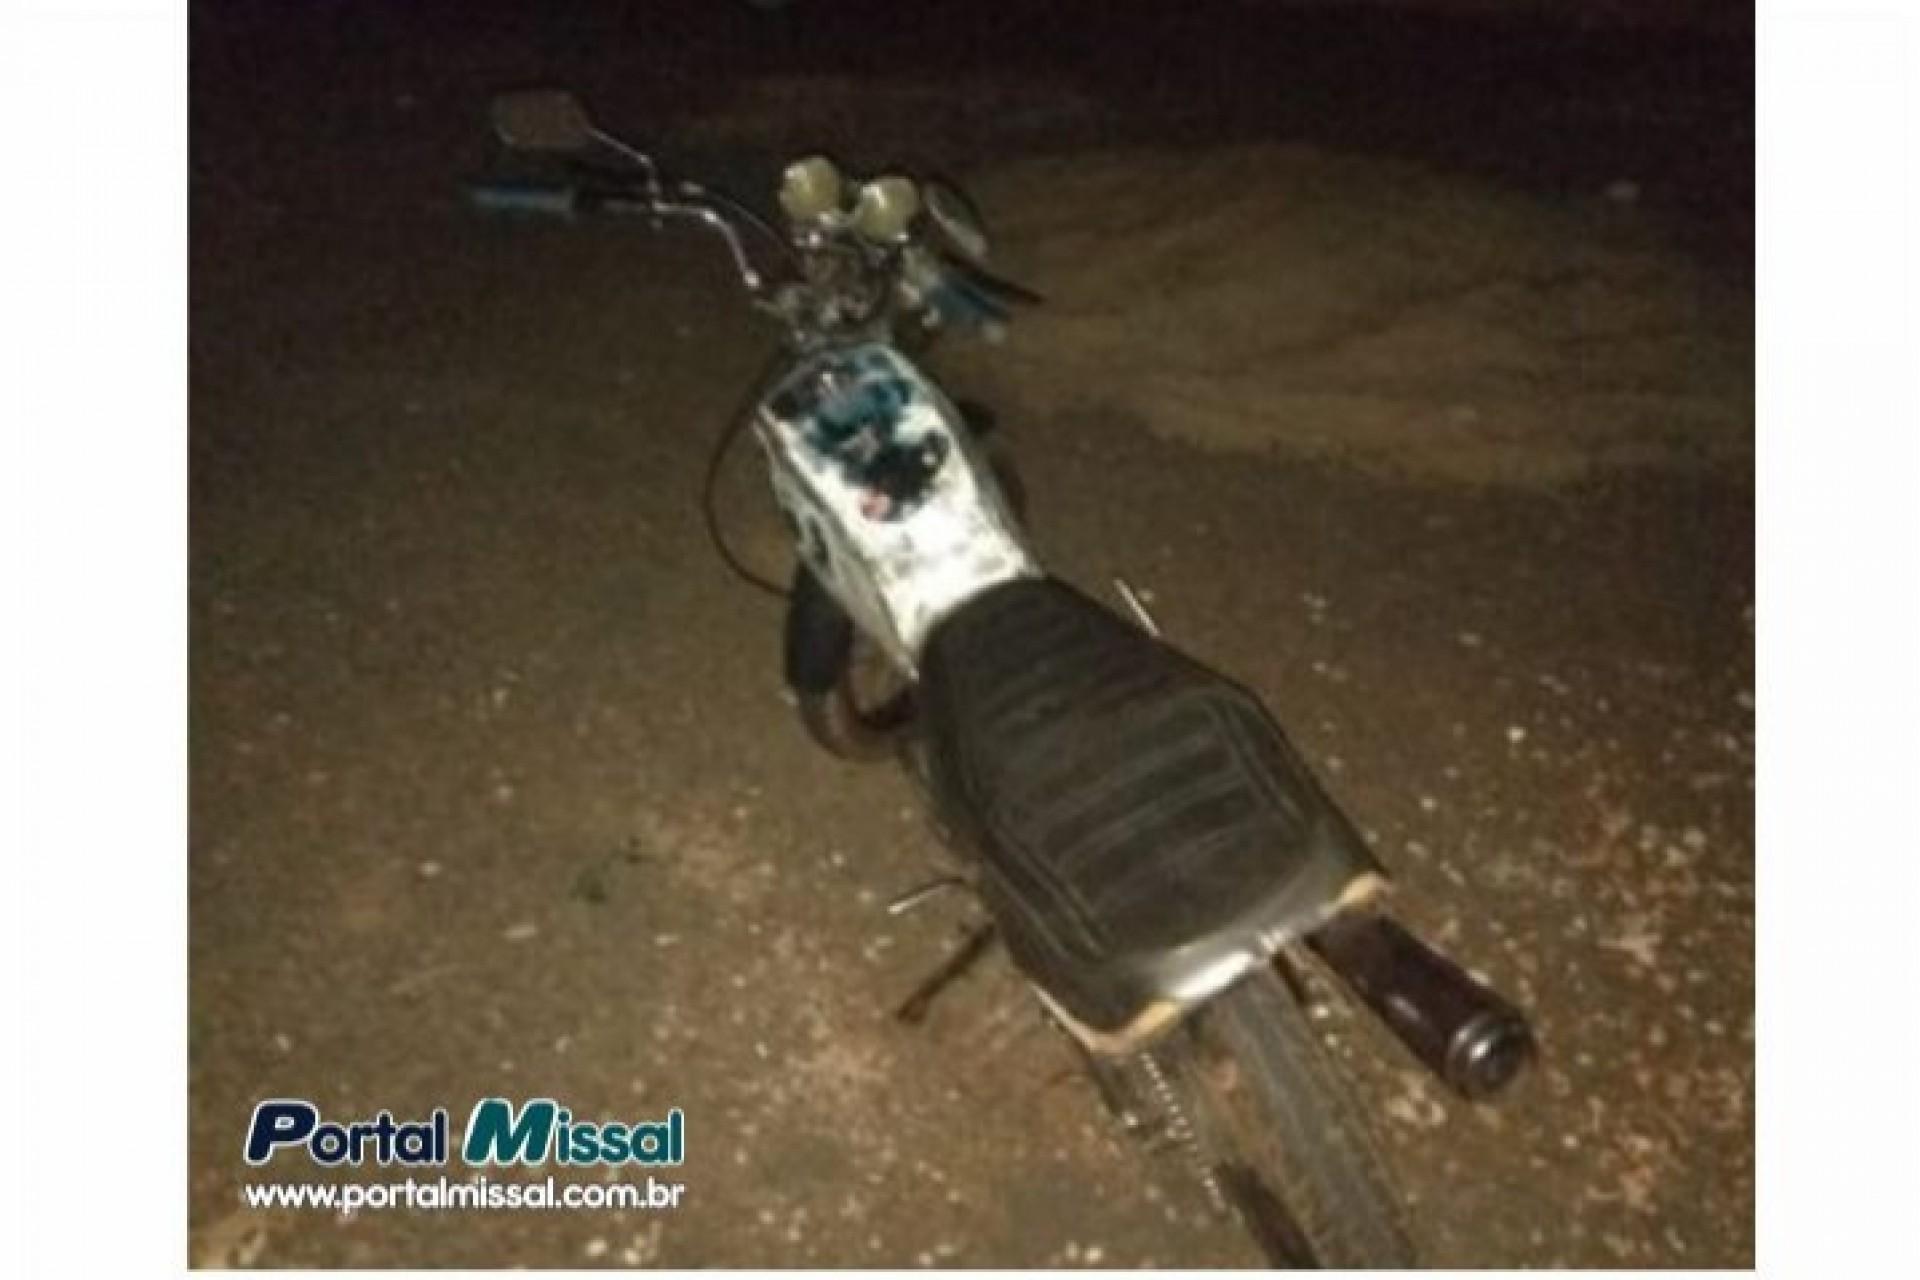 ROTAM detém condutor e apreende moto que transitava com farol apagado em Itaipulândia